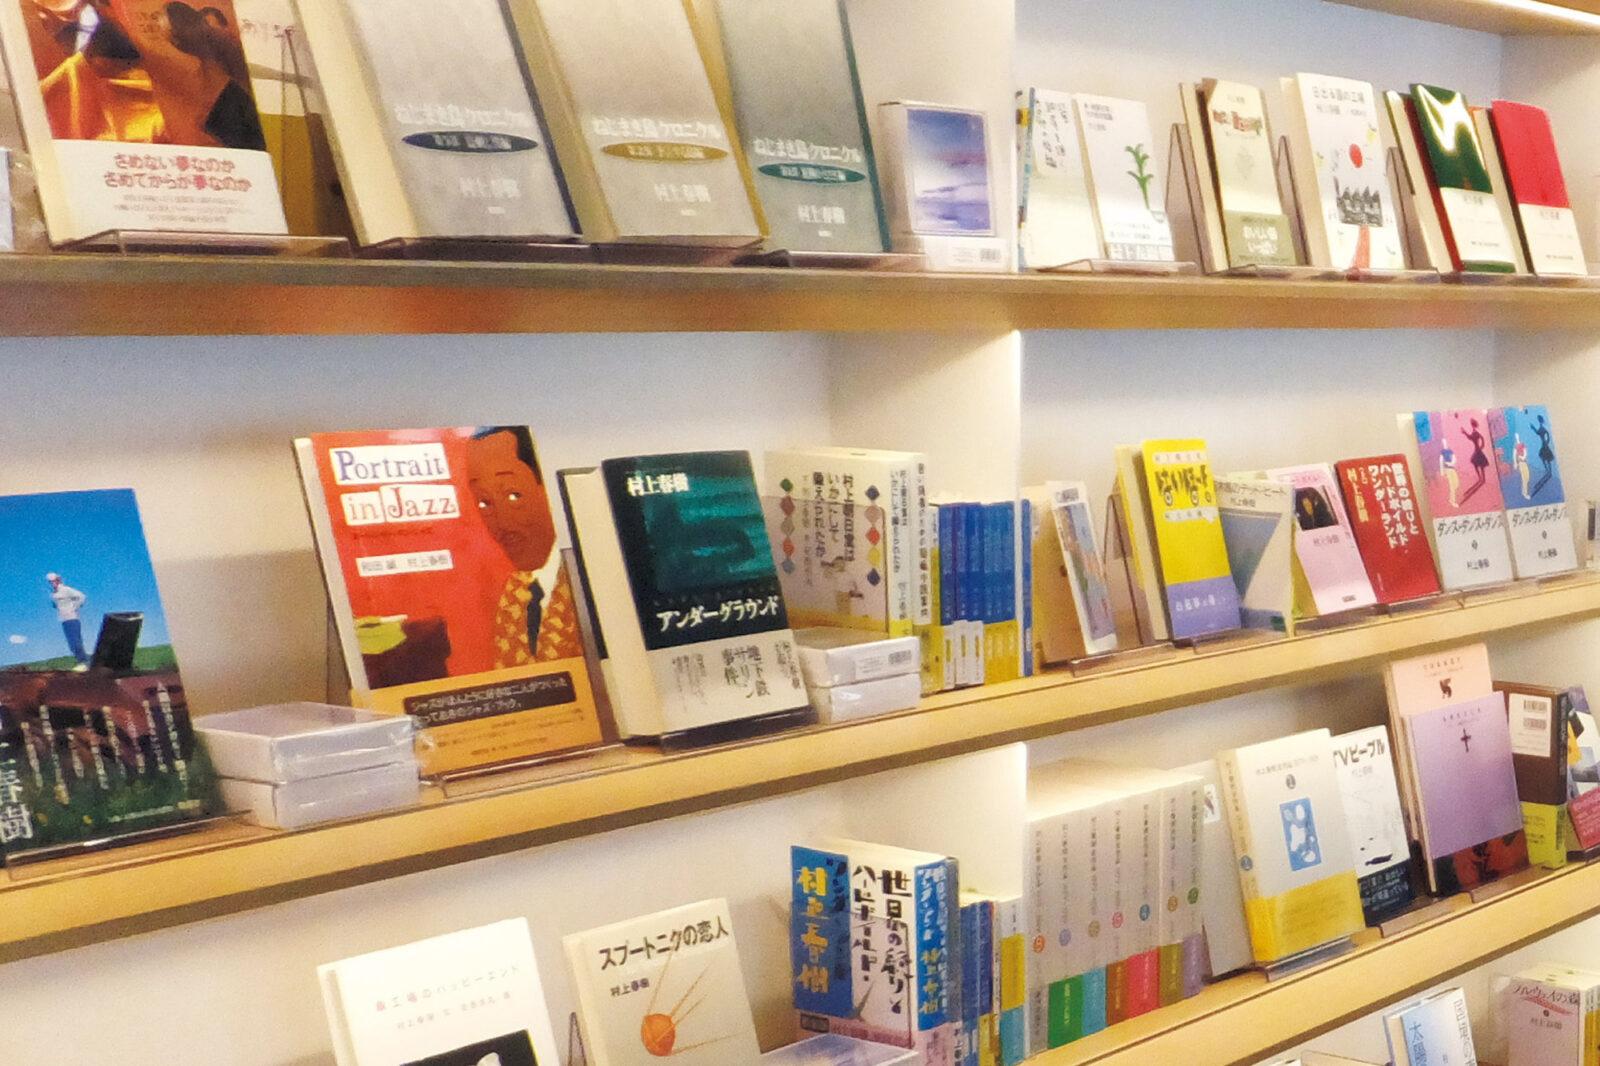 1階ギャラリーラウンジ。村上春樹全作品が並ぶ。中には貴重な初版も。海外の翻訳版も数多くある。